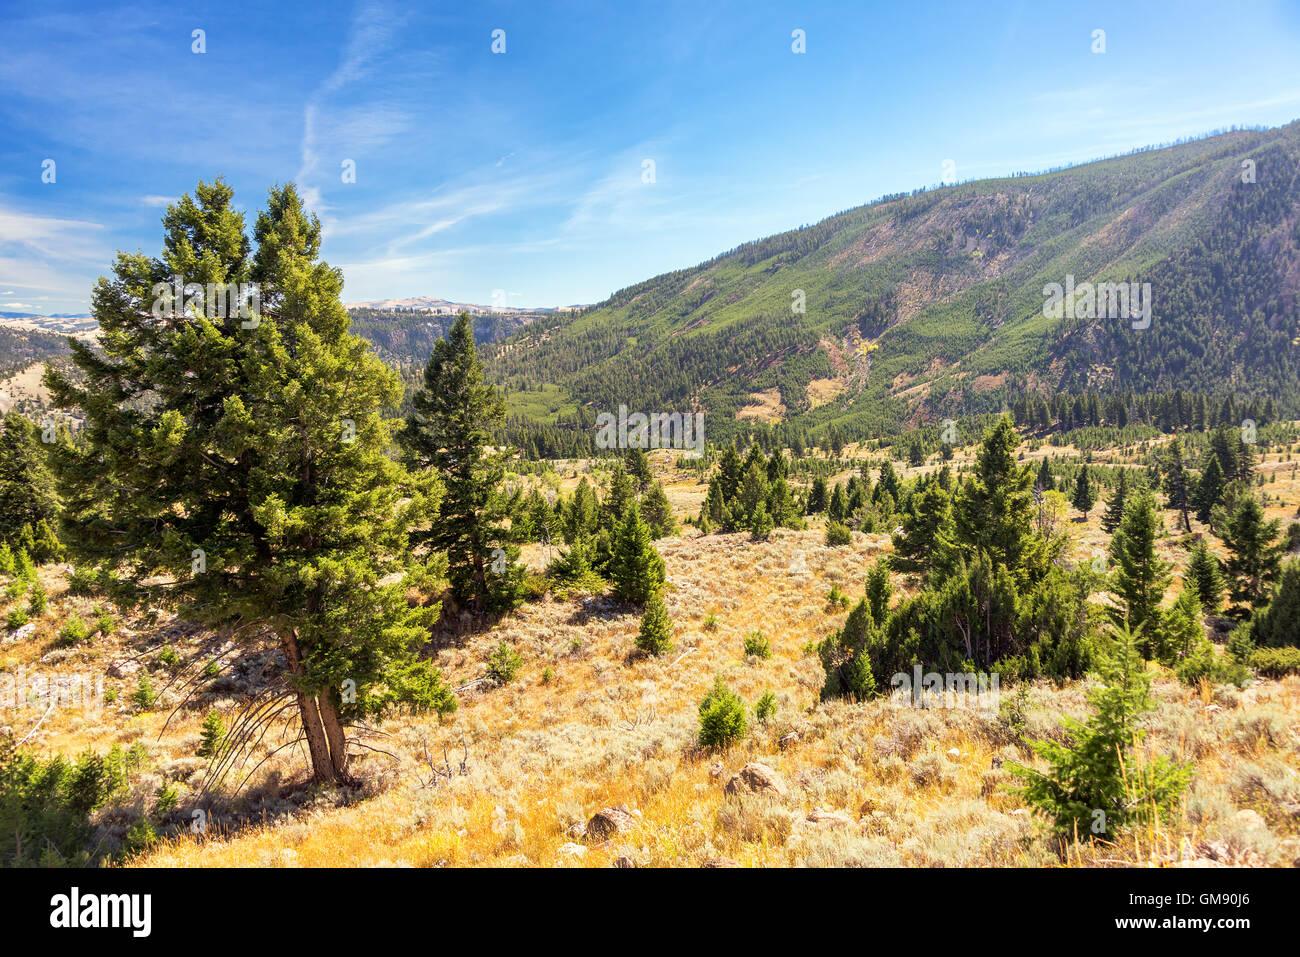 Landschaft von Hügeln und Wäldern im Yellowstone National Park Stockbild